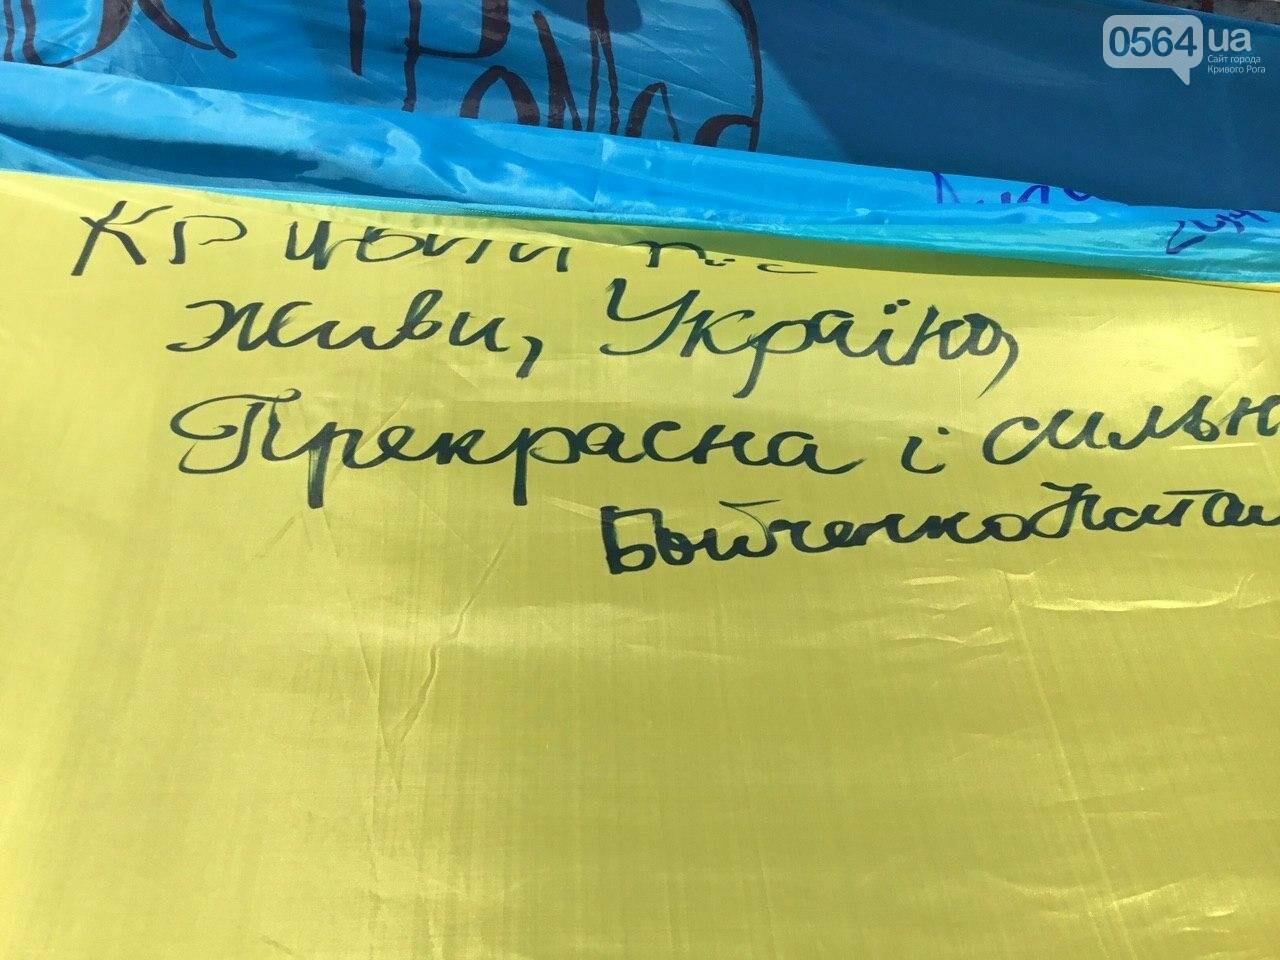 """""""Українці - брати, Разом ми - сила!"""", - какие пожелания и призывы написали криворожане на Знамени Единства, - ФОТО, ВИДЕО, фото-48"""